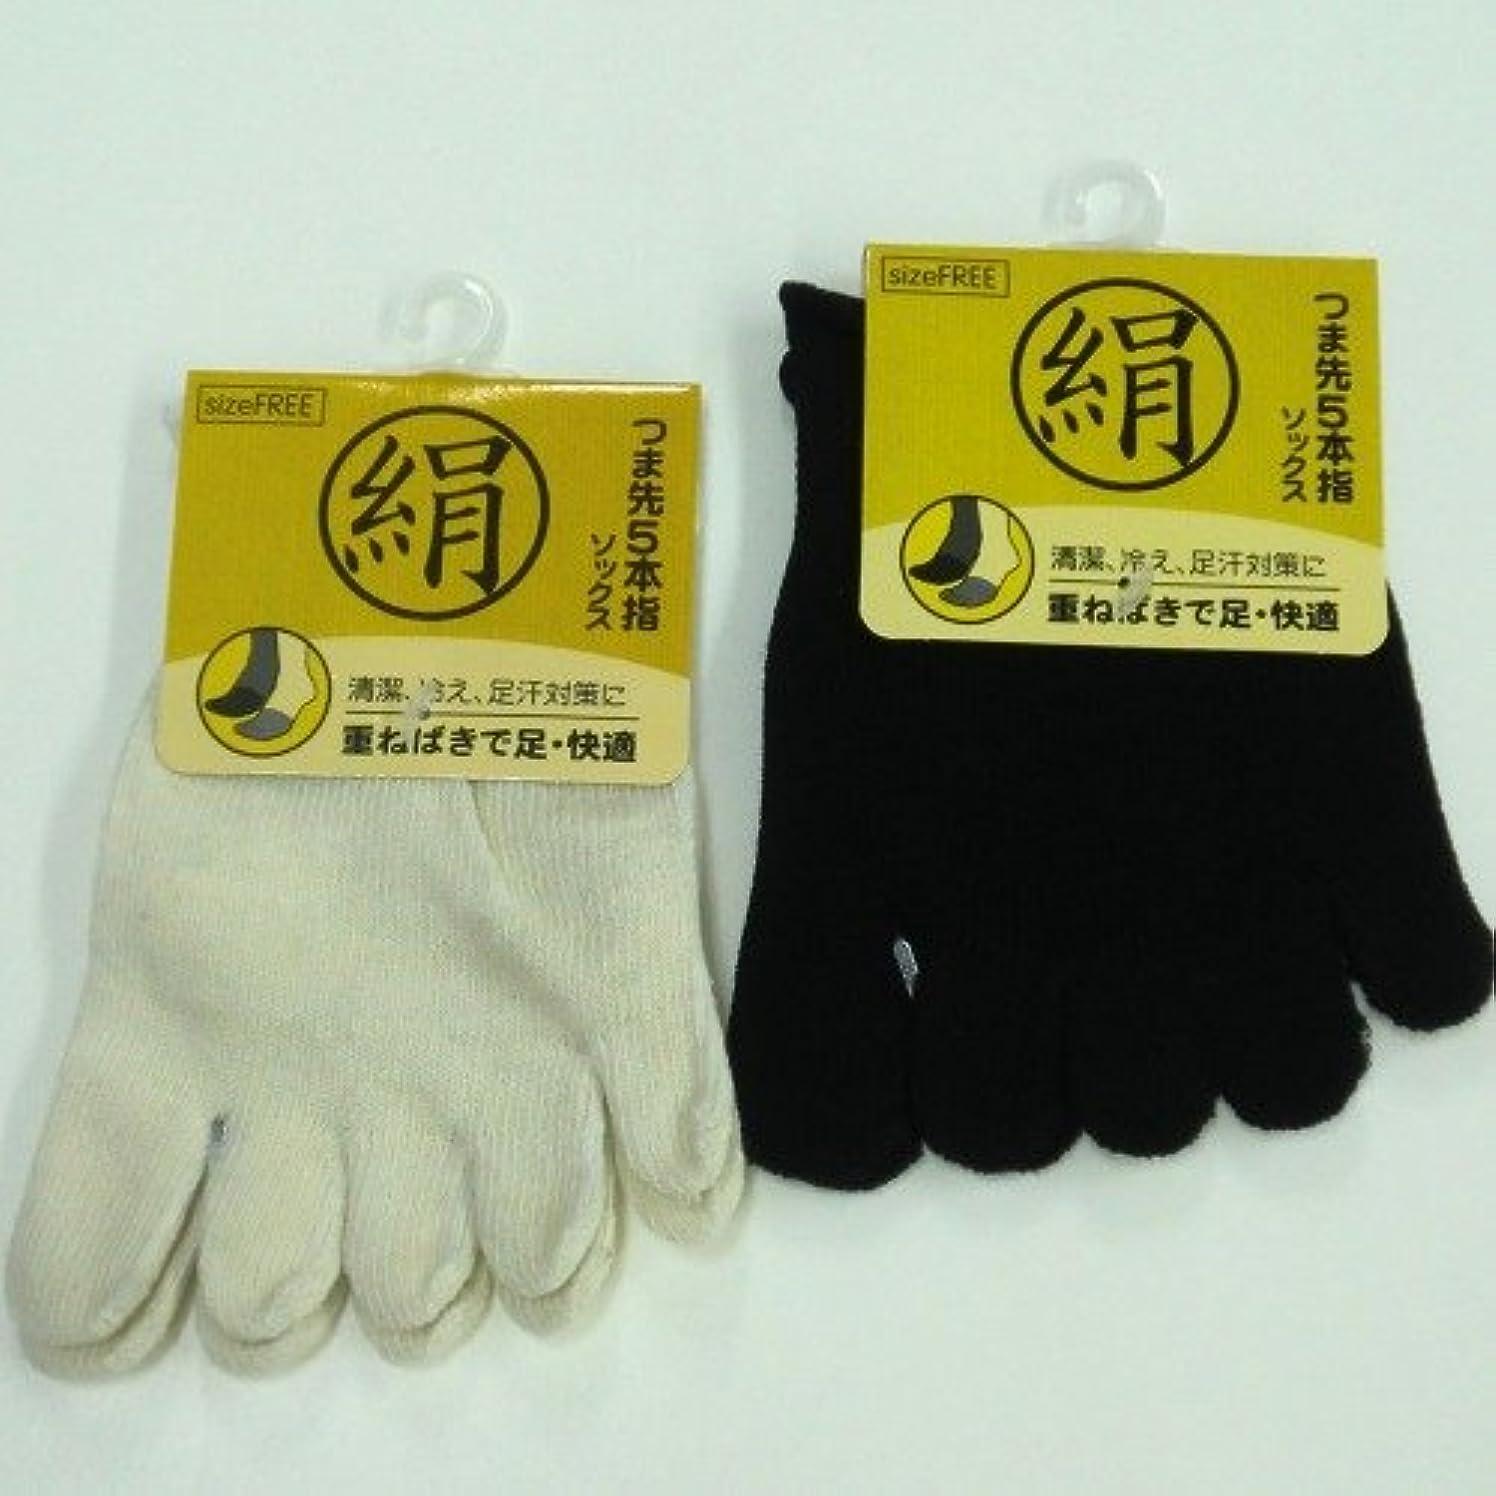 5本指ソックス つま先 ハーフソックス 足指カバー 天然素材絹で抗菌防臭 お買得5足組 (色はお任せ)